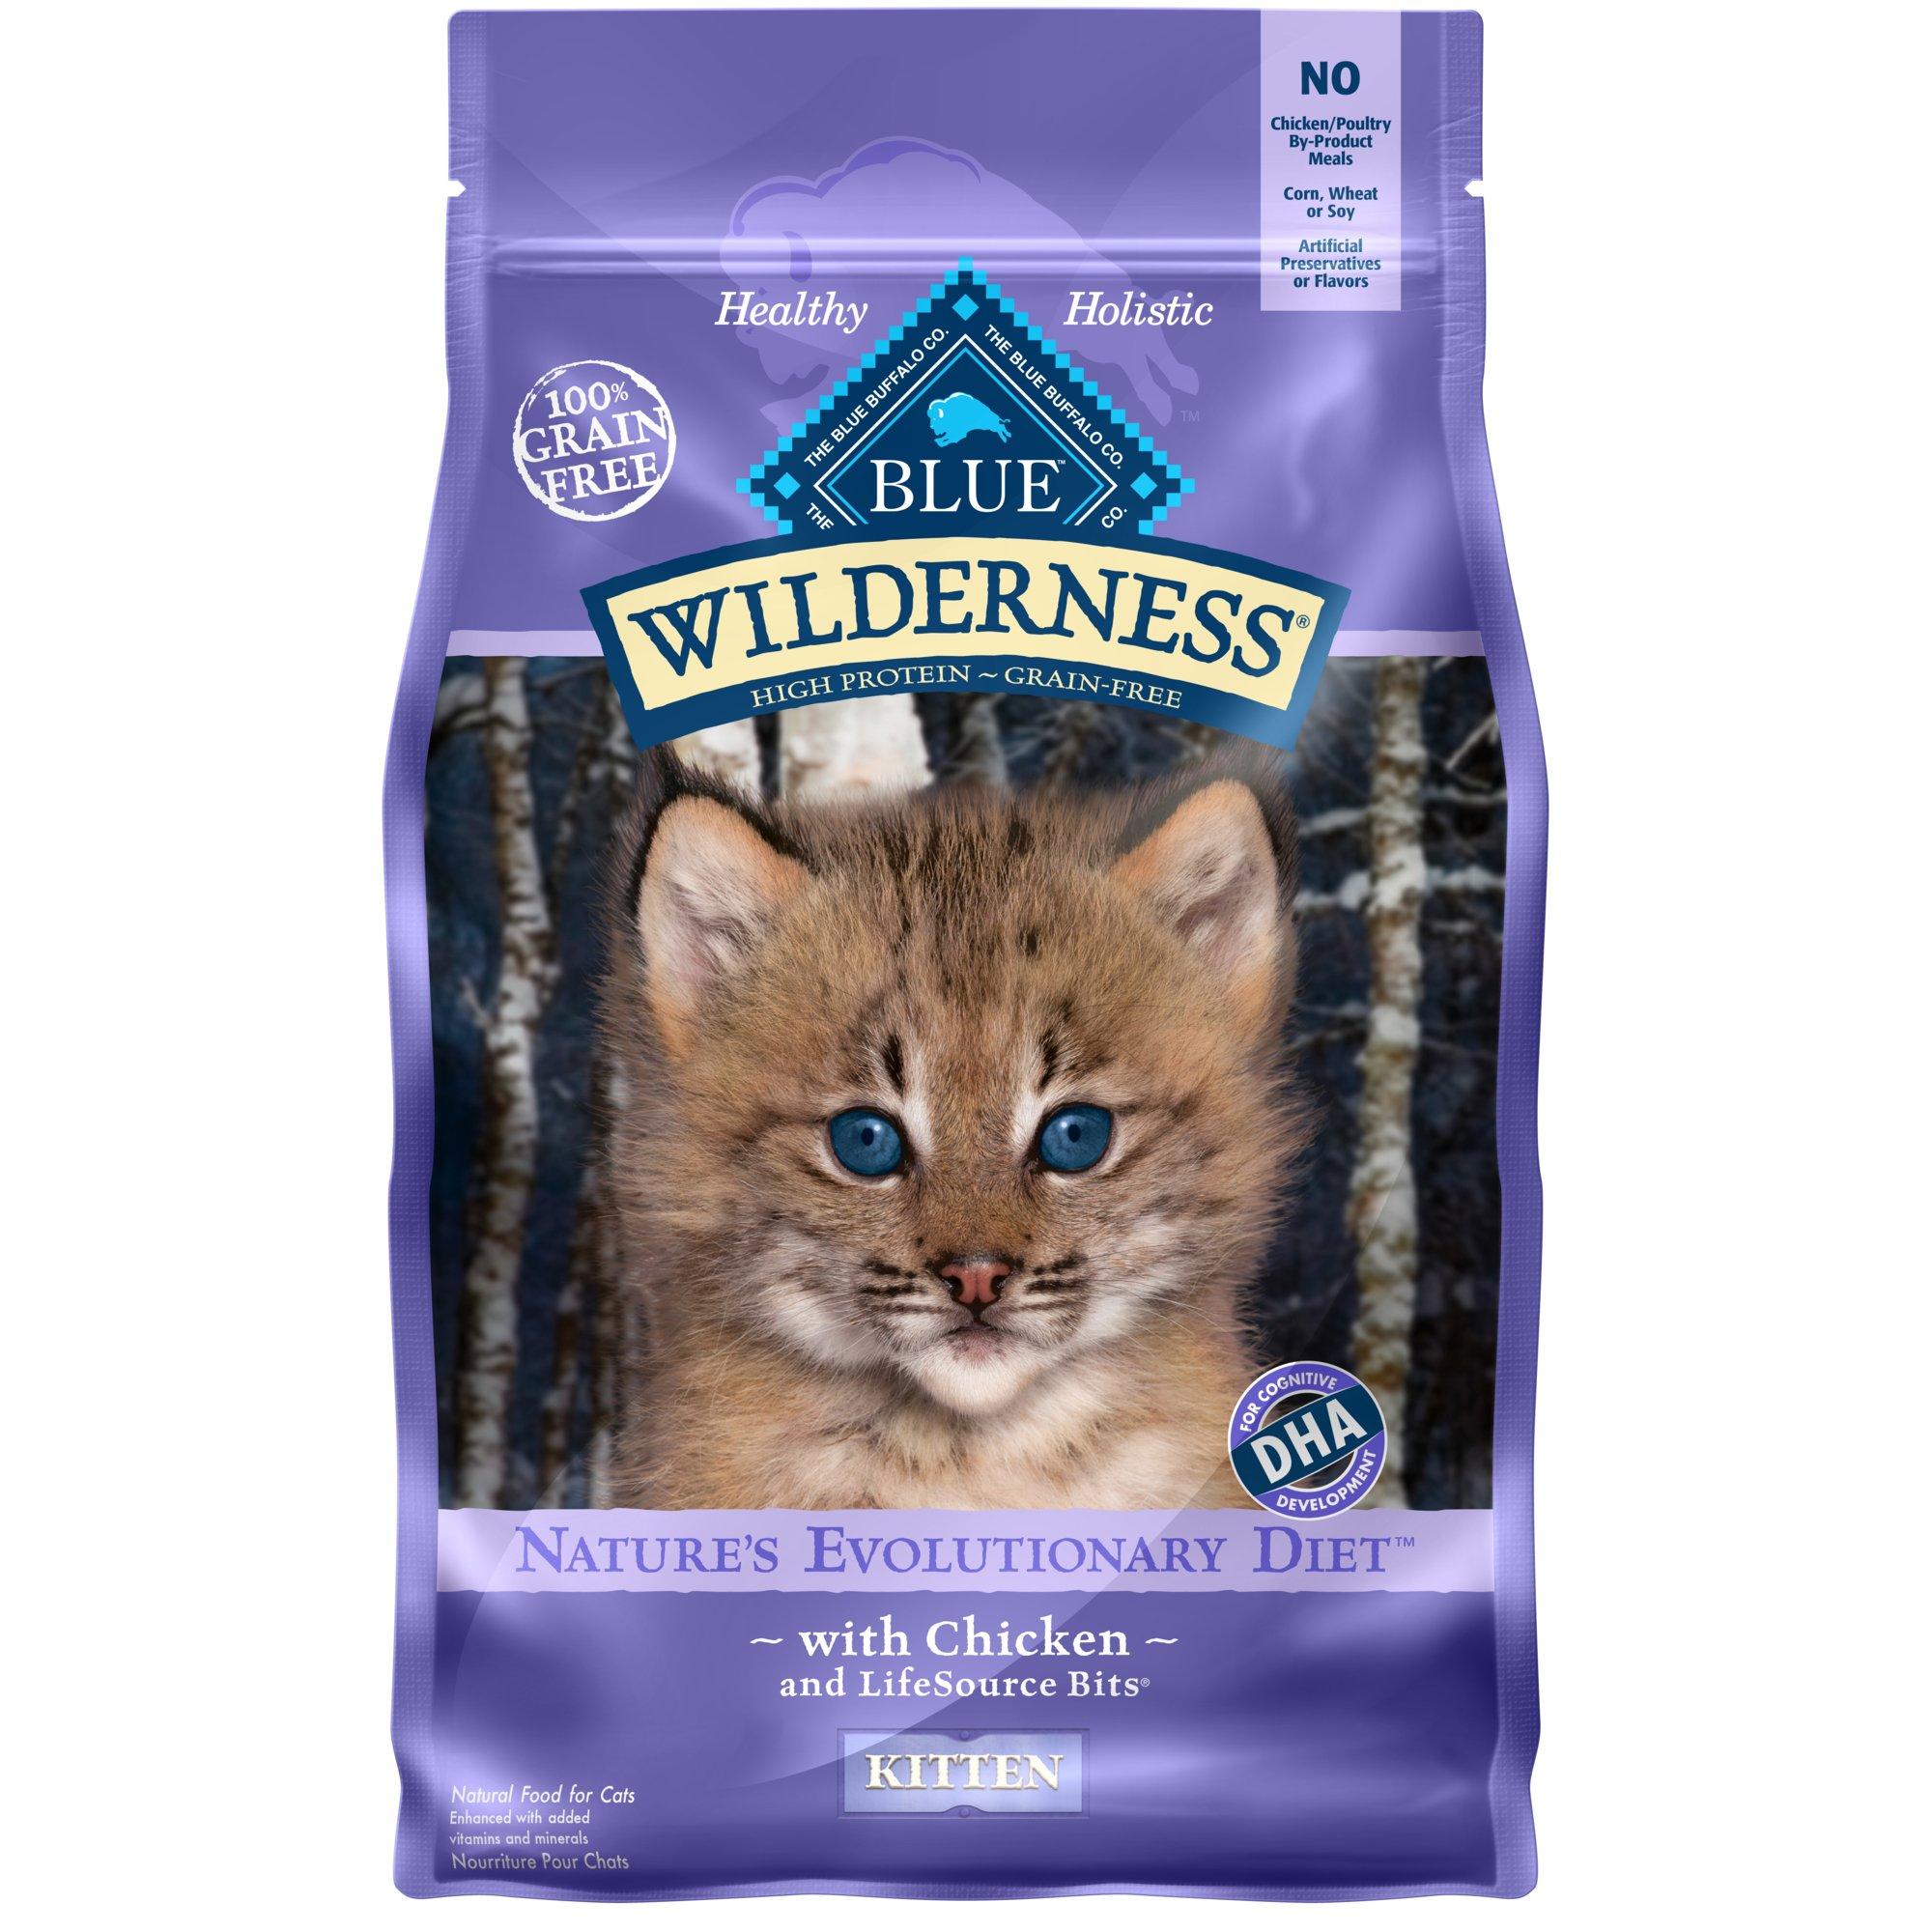 Blue Buffalo Wilderness Grain-Free Kitten Food